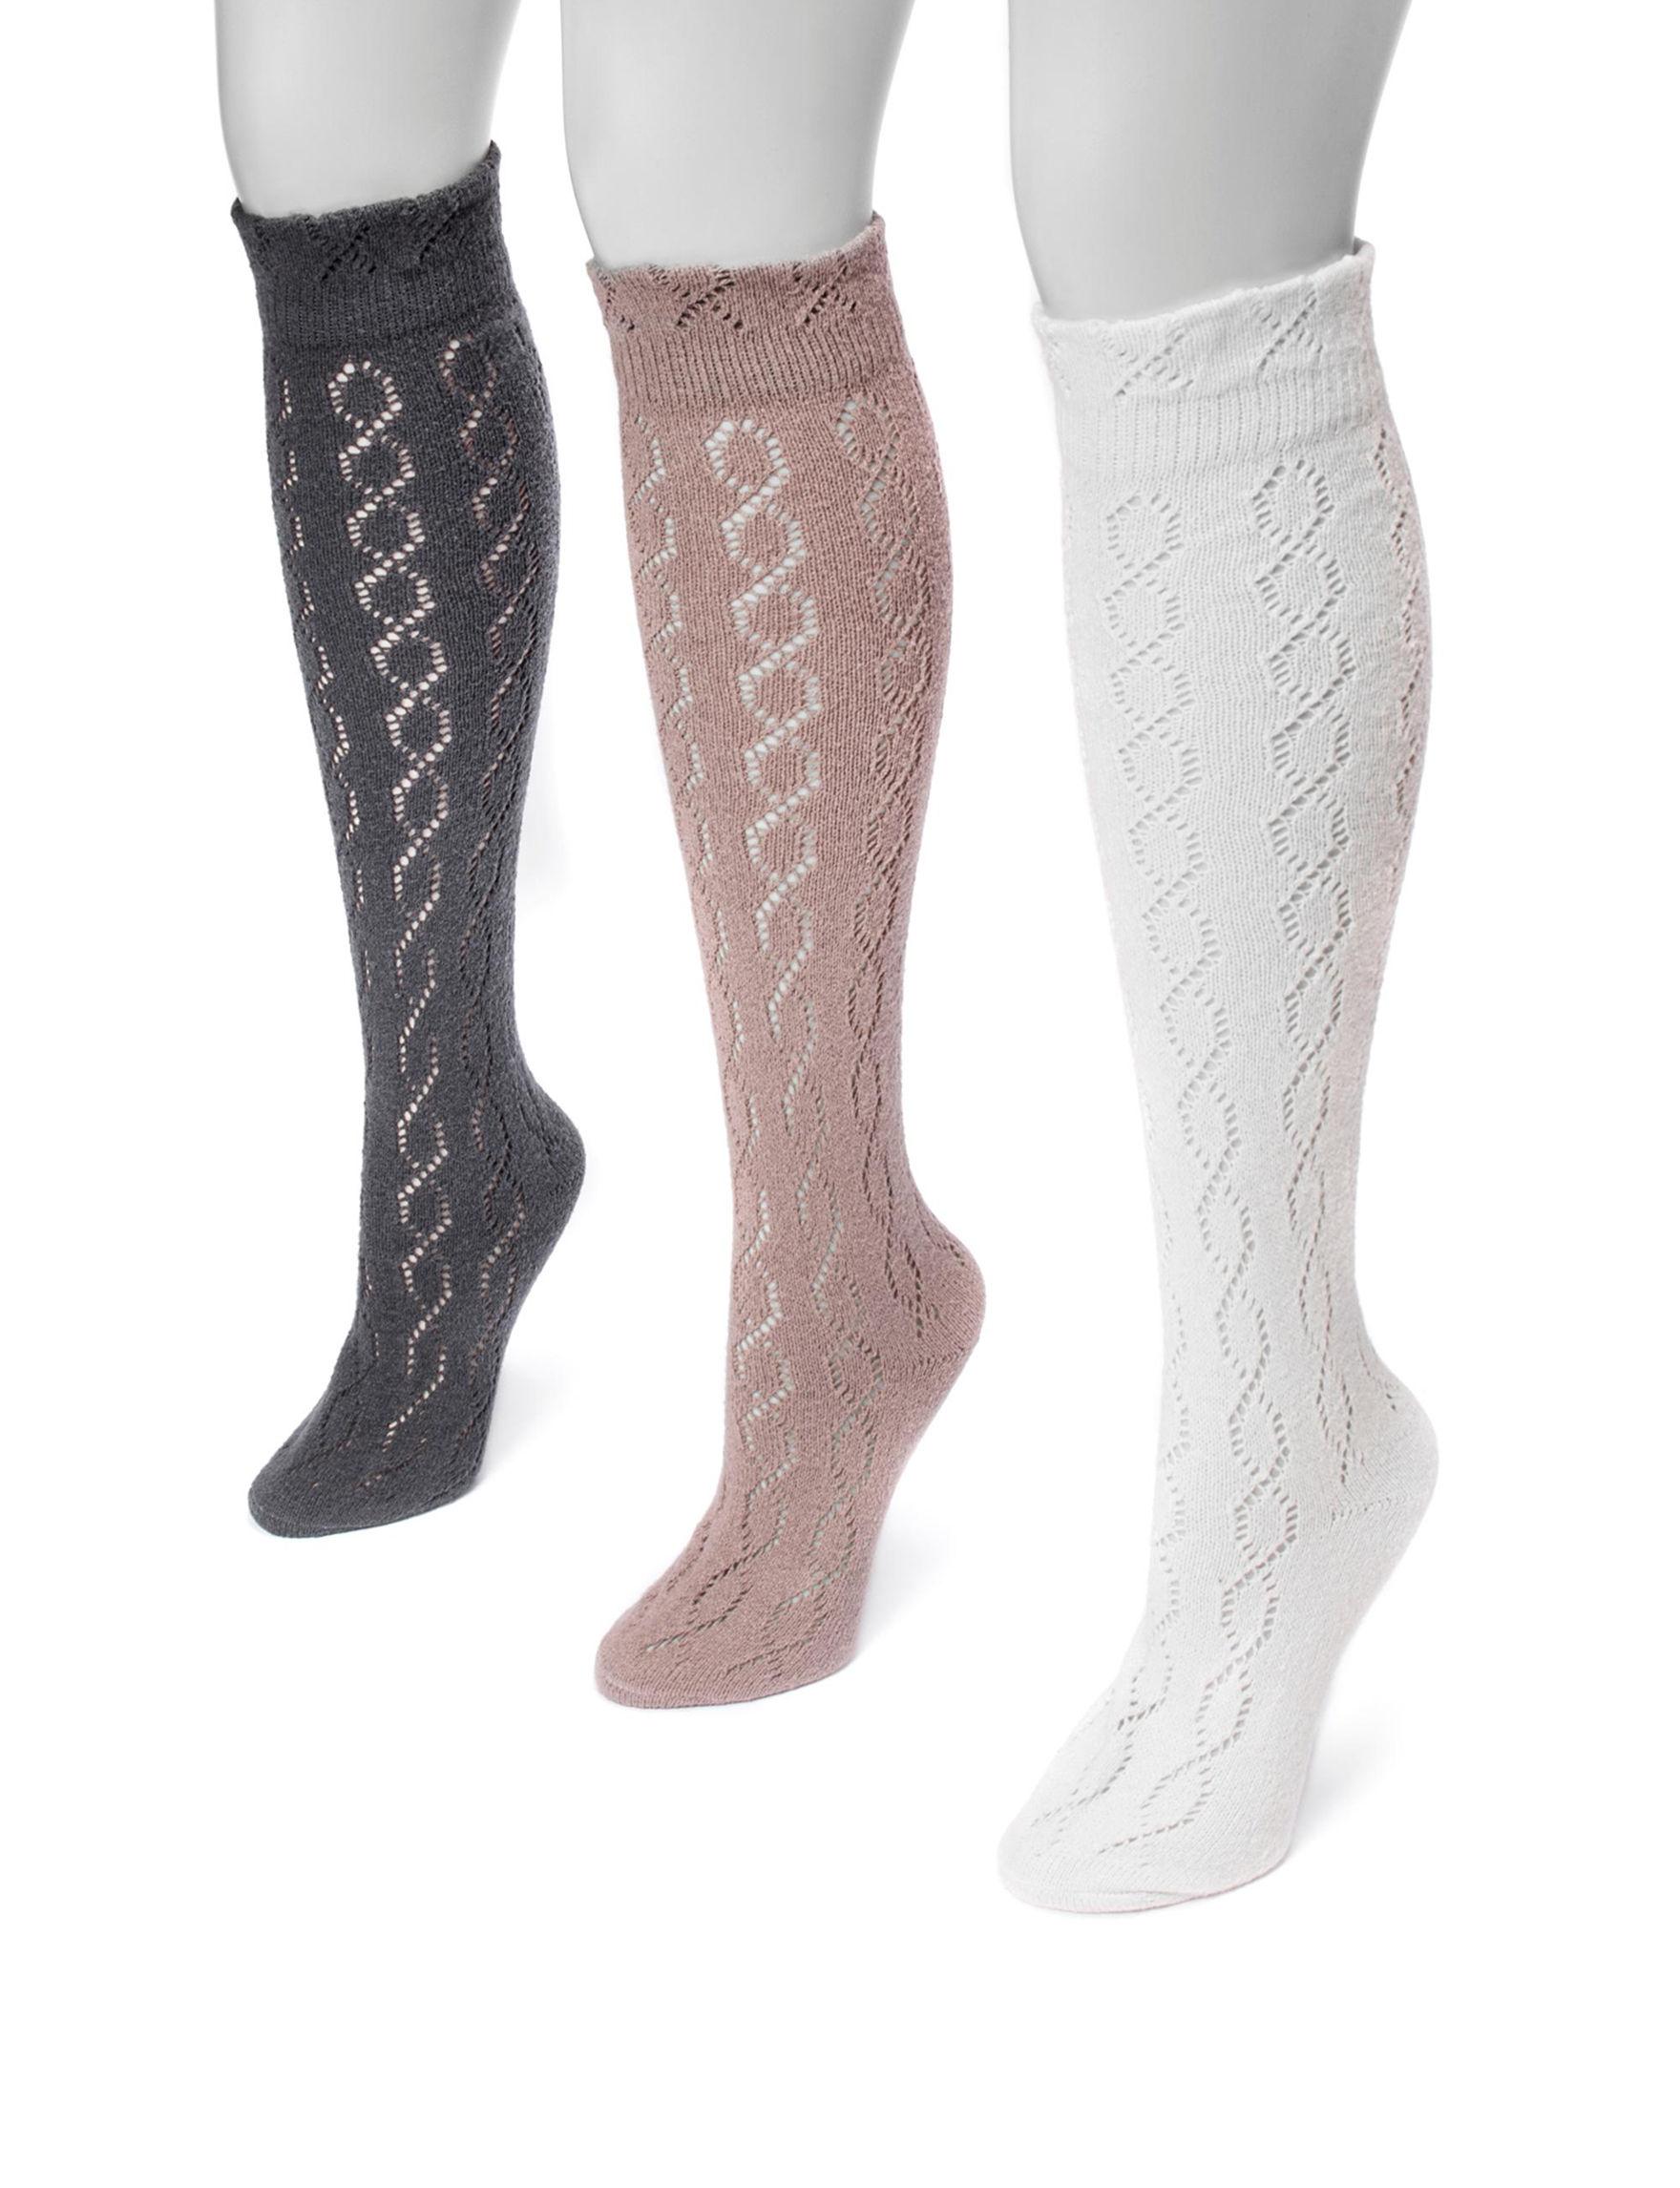 Muk Luks Neutral Socks